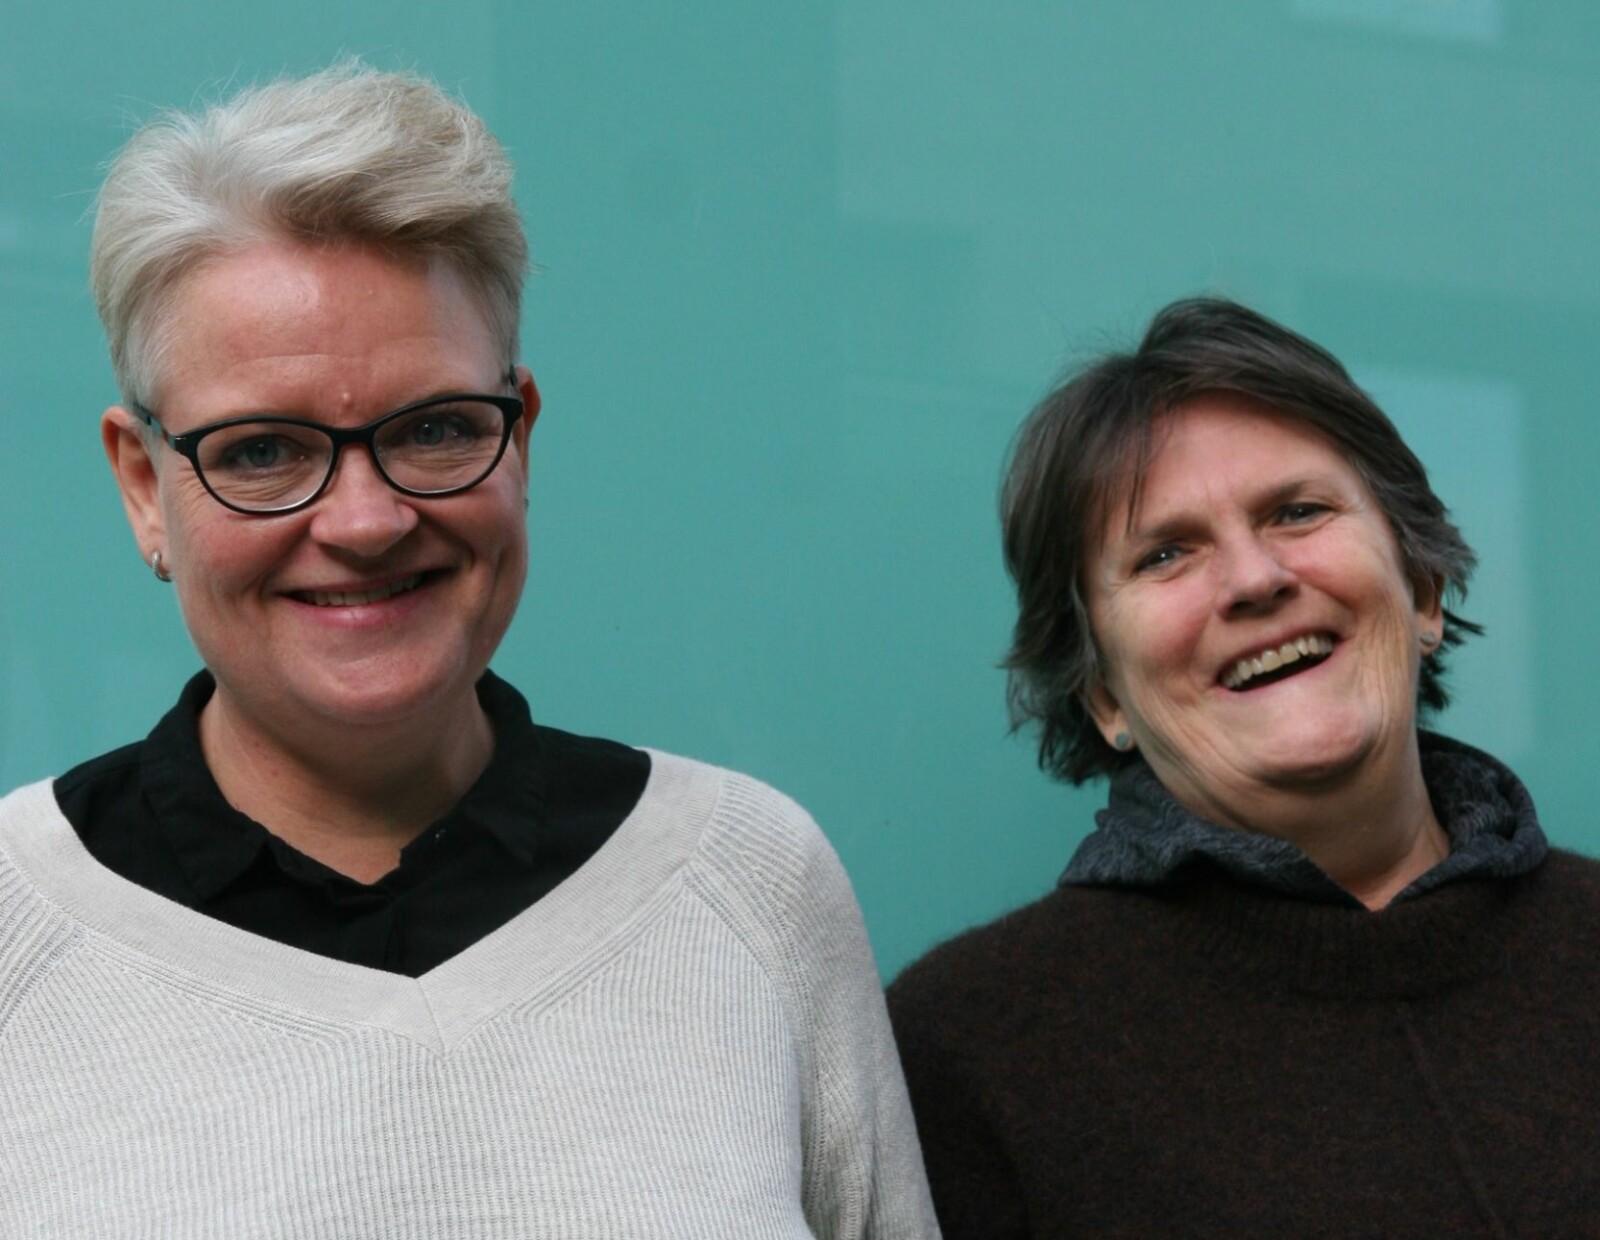 Det trenger ikke og er ikke bare vanskeligheter som møter sentblomstrende. –Kjærligheten og et skeivt nettverk er også innen rekkevidde, sier Linda Rønold (t.v.) og Anne Holter som jobber sammen om bokprosjektet «Komme ut sent».